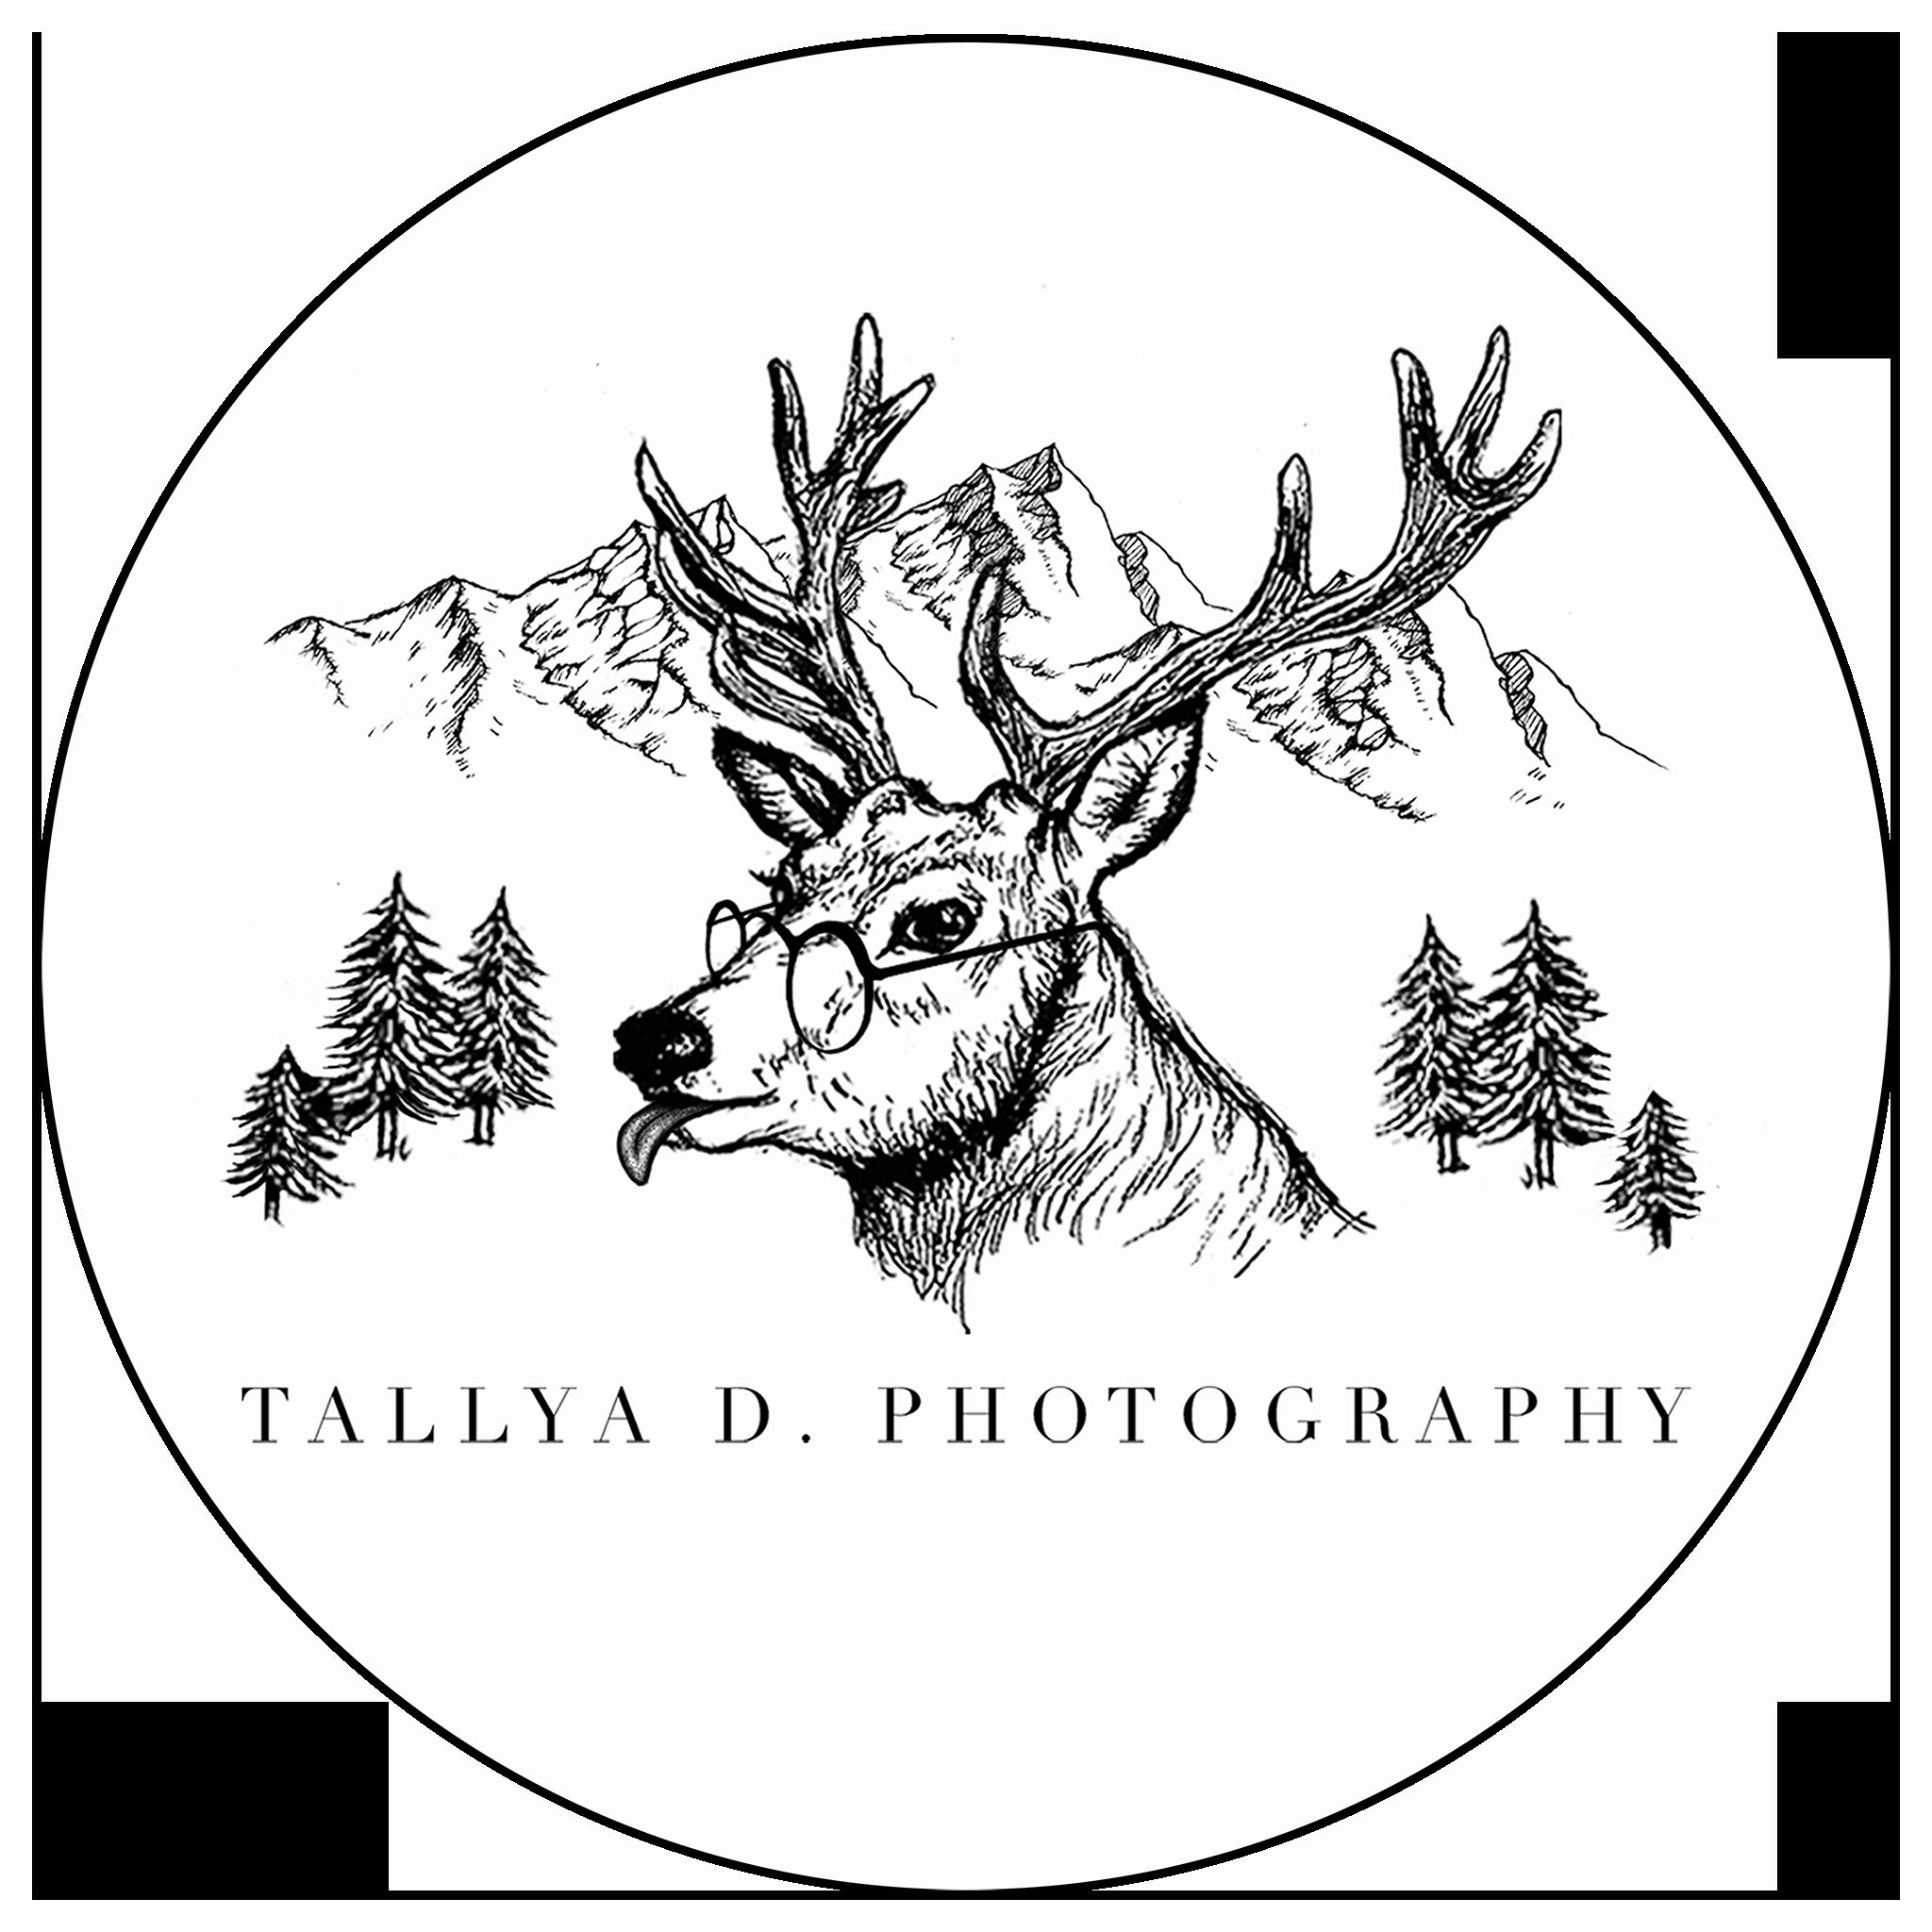 Tallya D. Photography